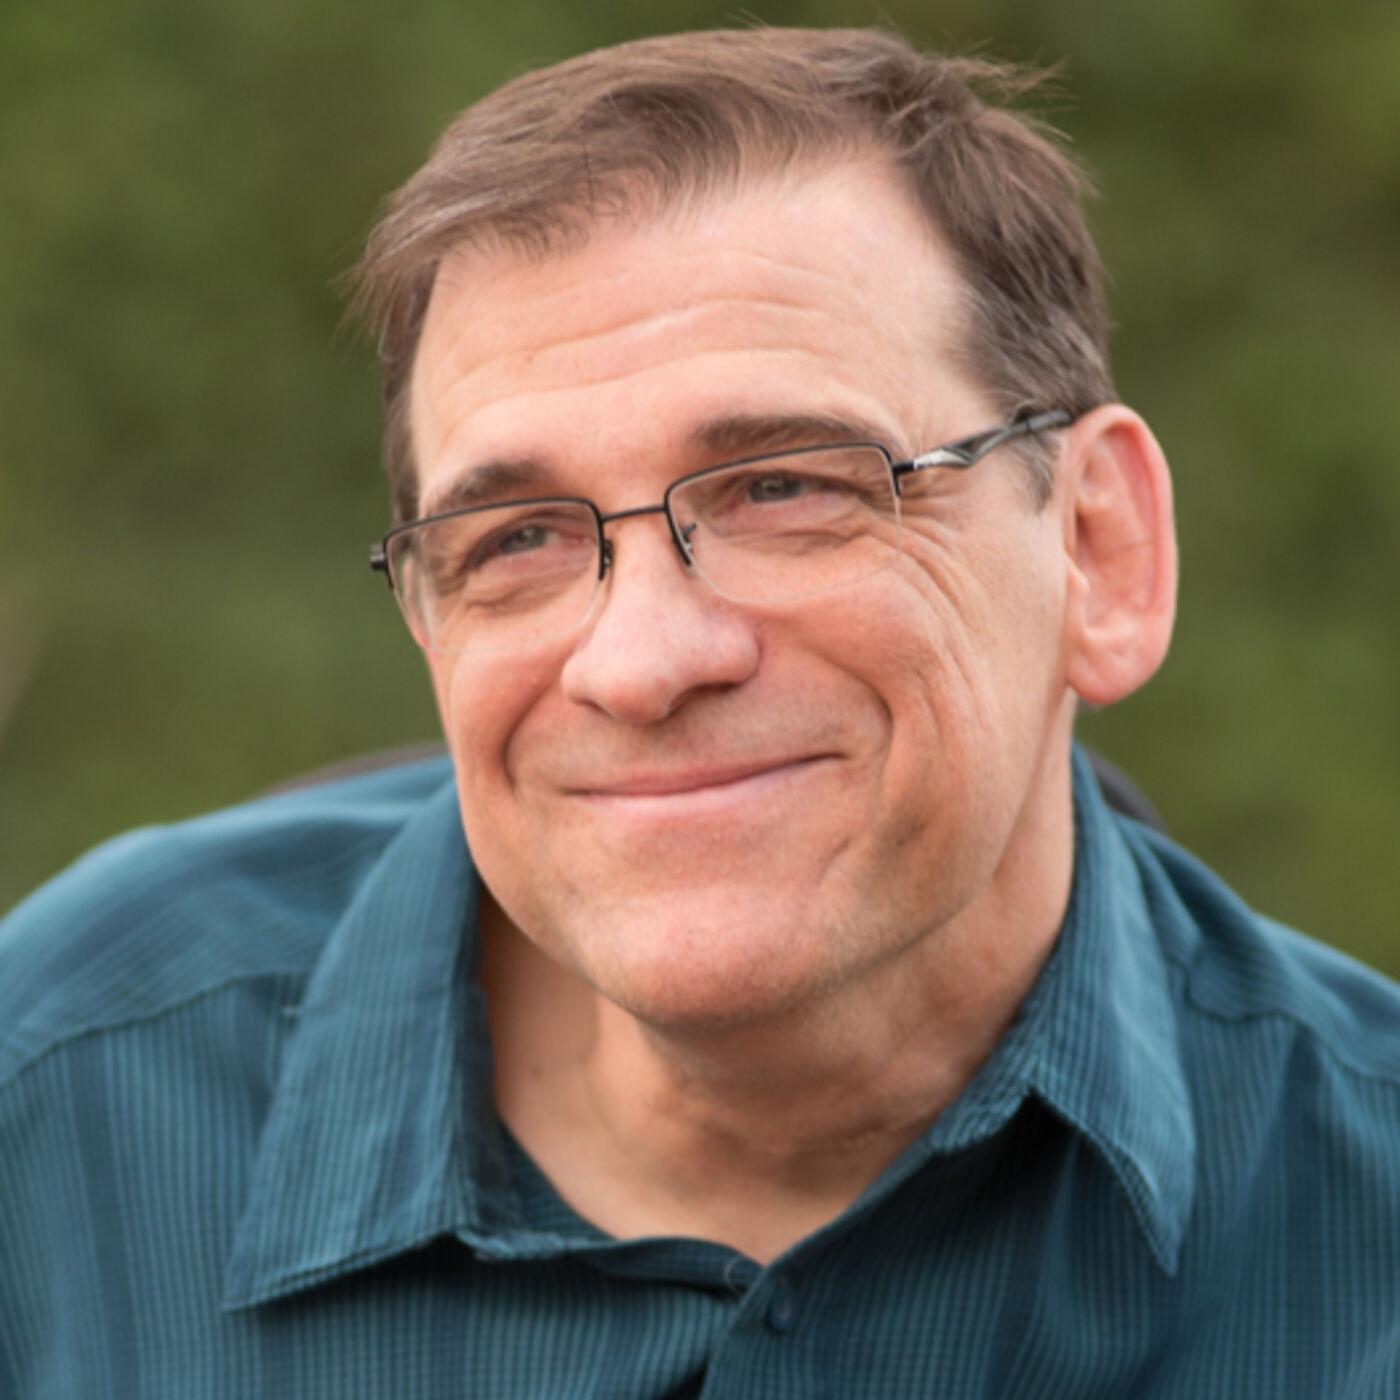 Mindset is More Powerful Than Circumstance - Steve Sconzert